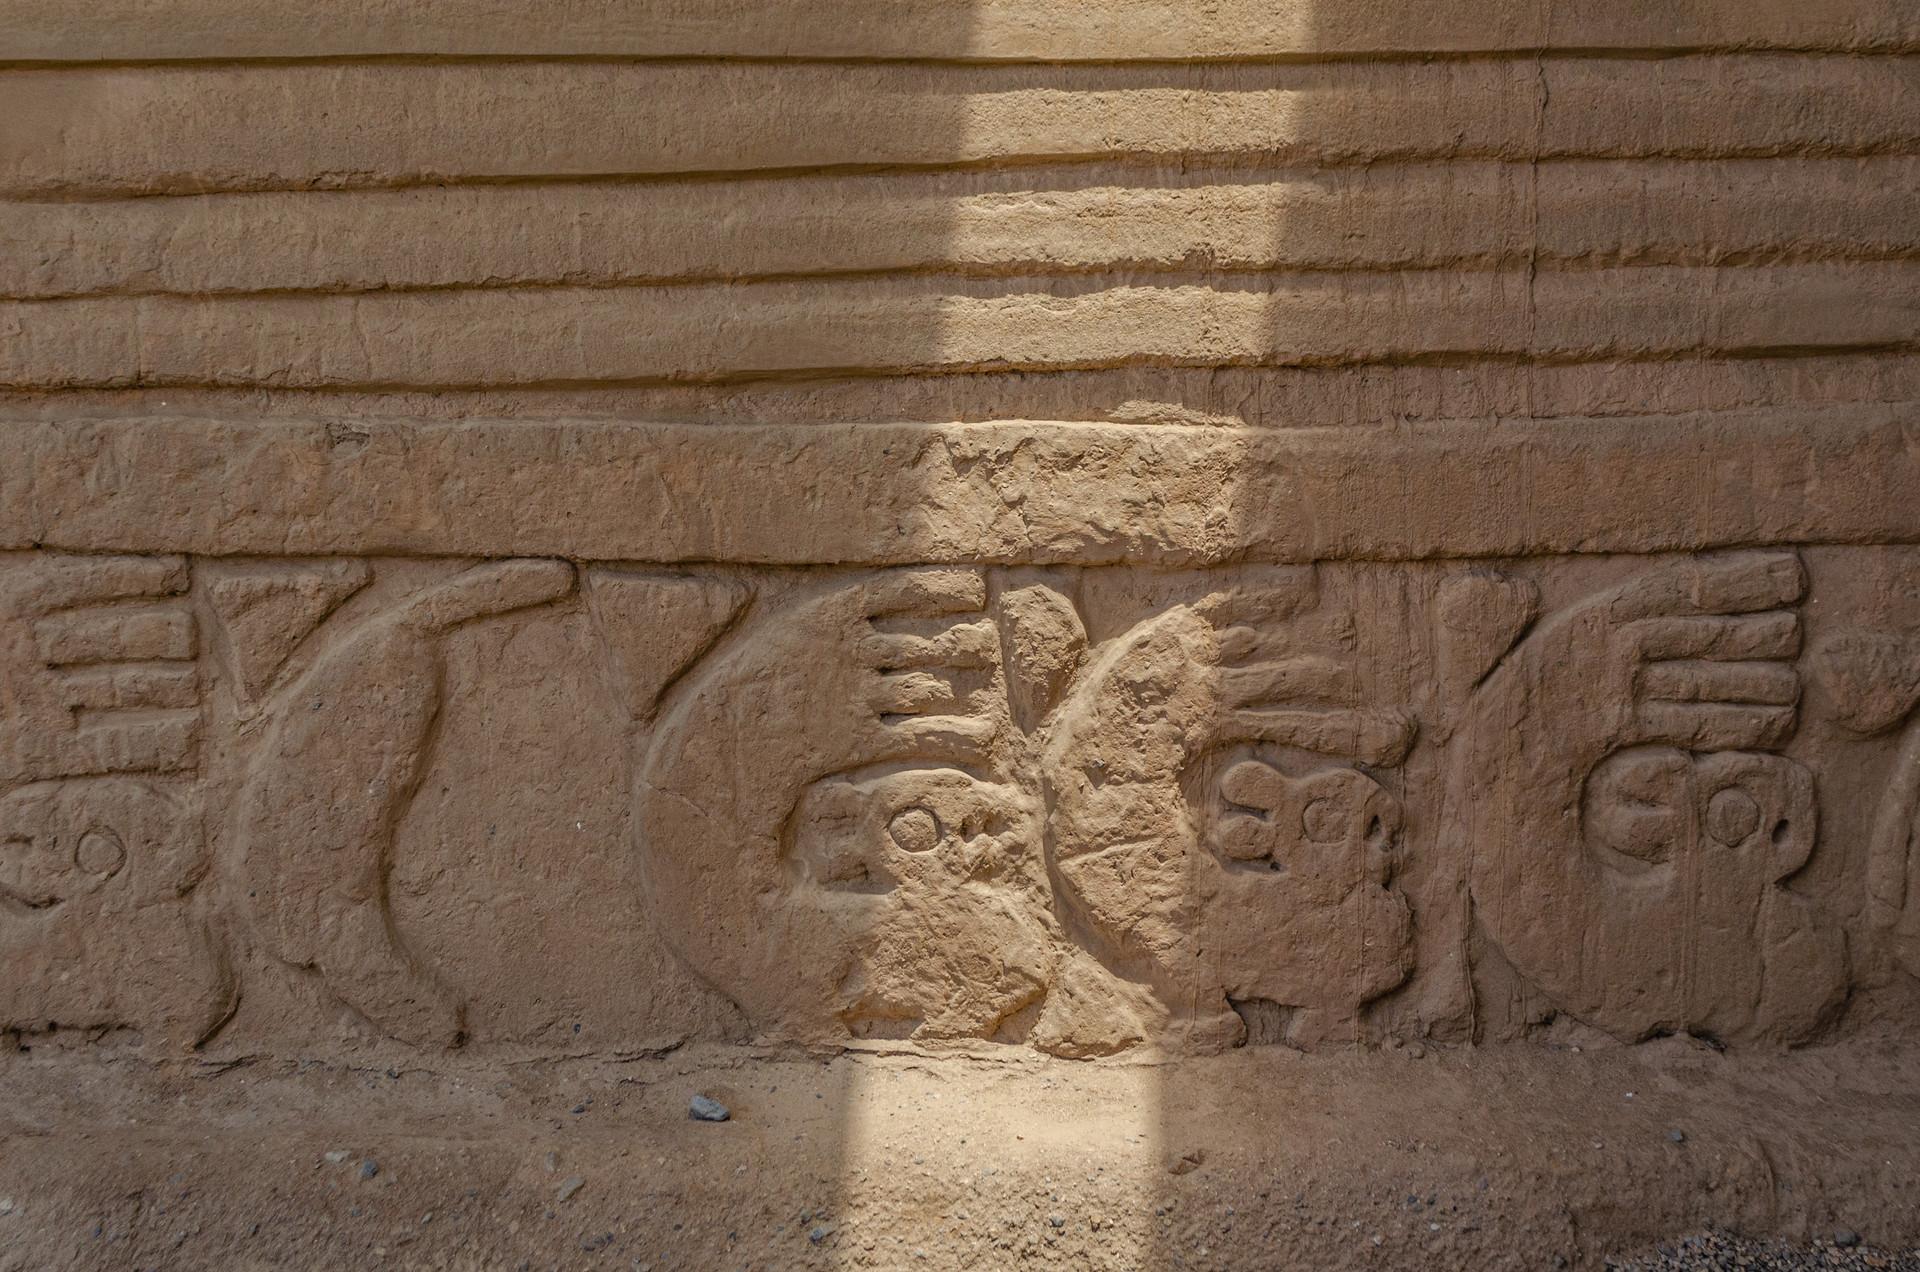 Ciudadelas de adobe de Chan Chan, Cultura Chimú, Perú